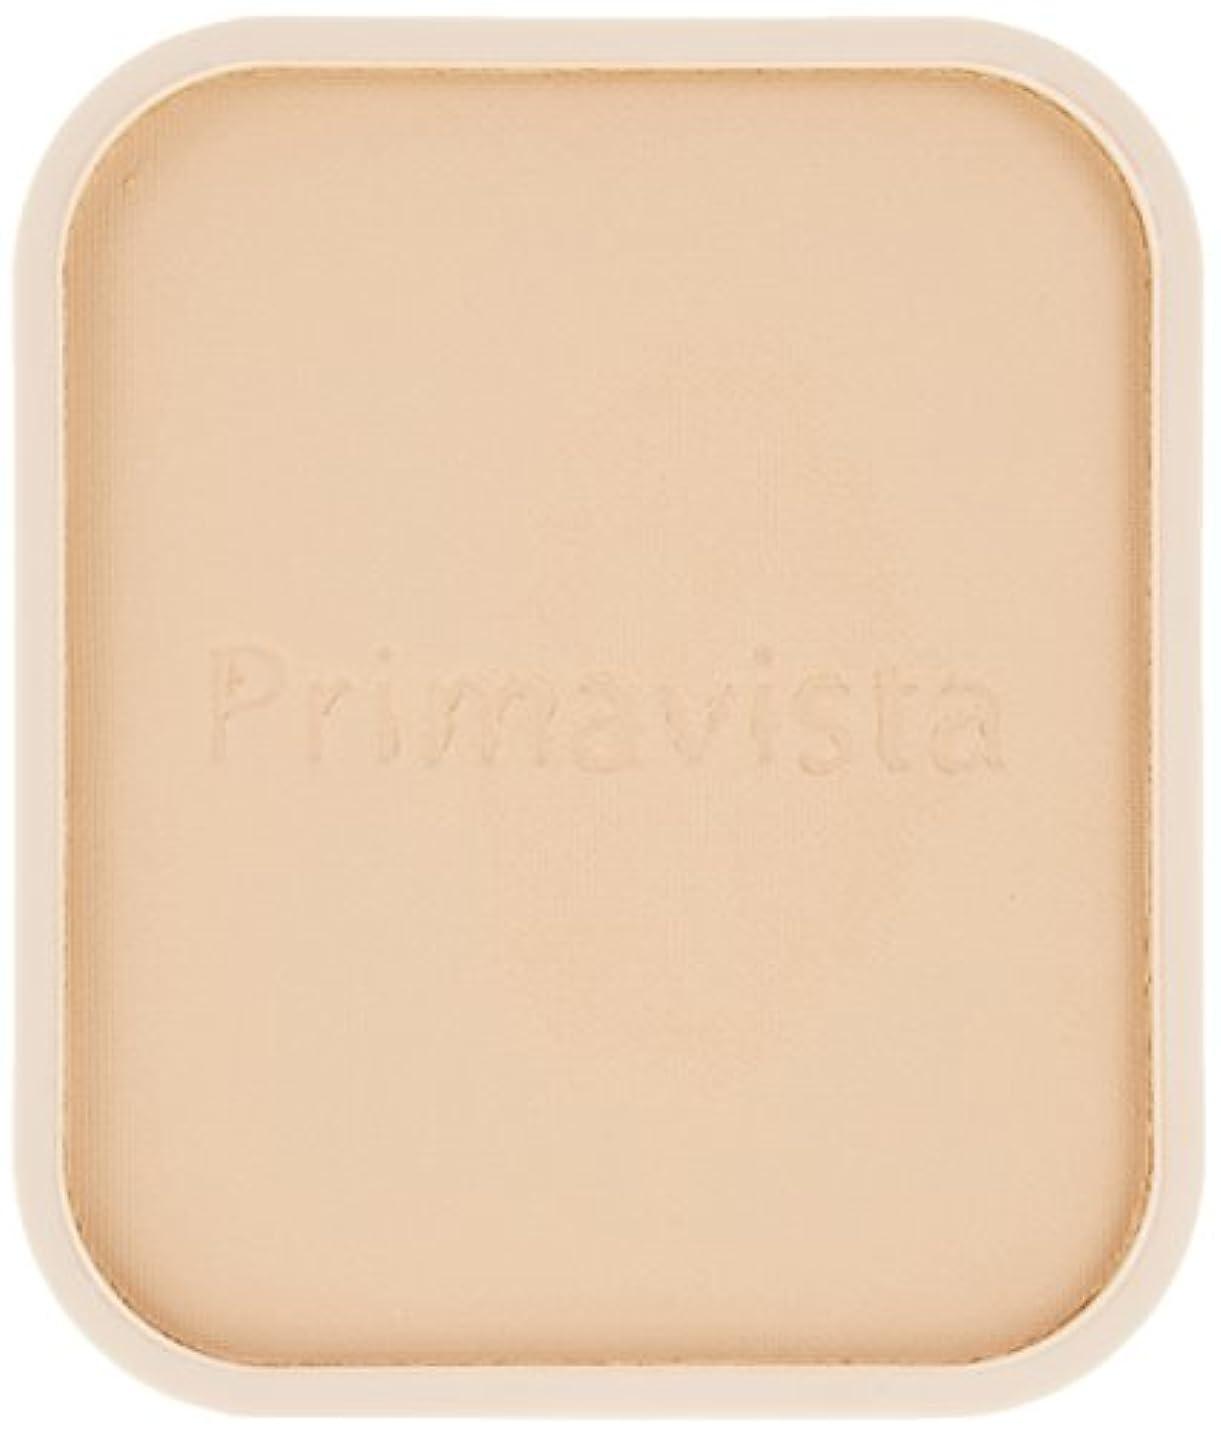 エキゾチック品種約ソフィーナ プリマヴィスタ くずれにくい 化粧のり実感パウダーファンデーションUV ベージュオークル03 レフィル